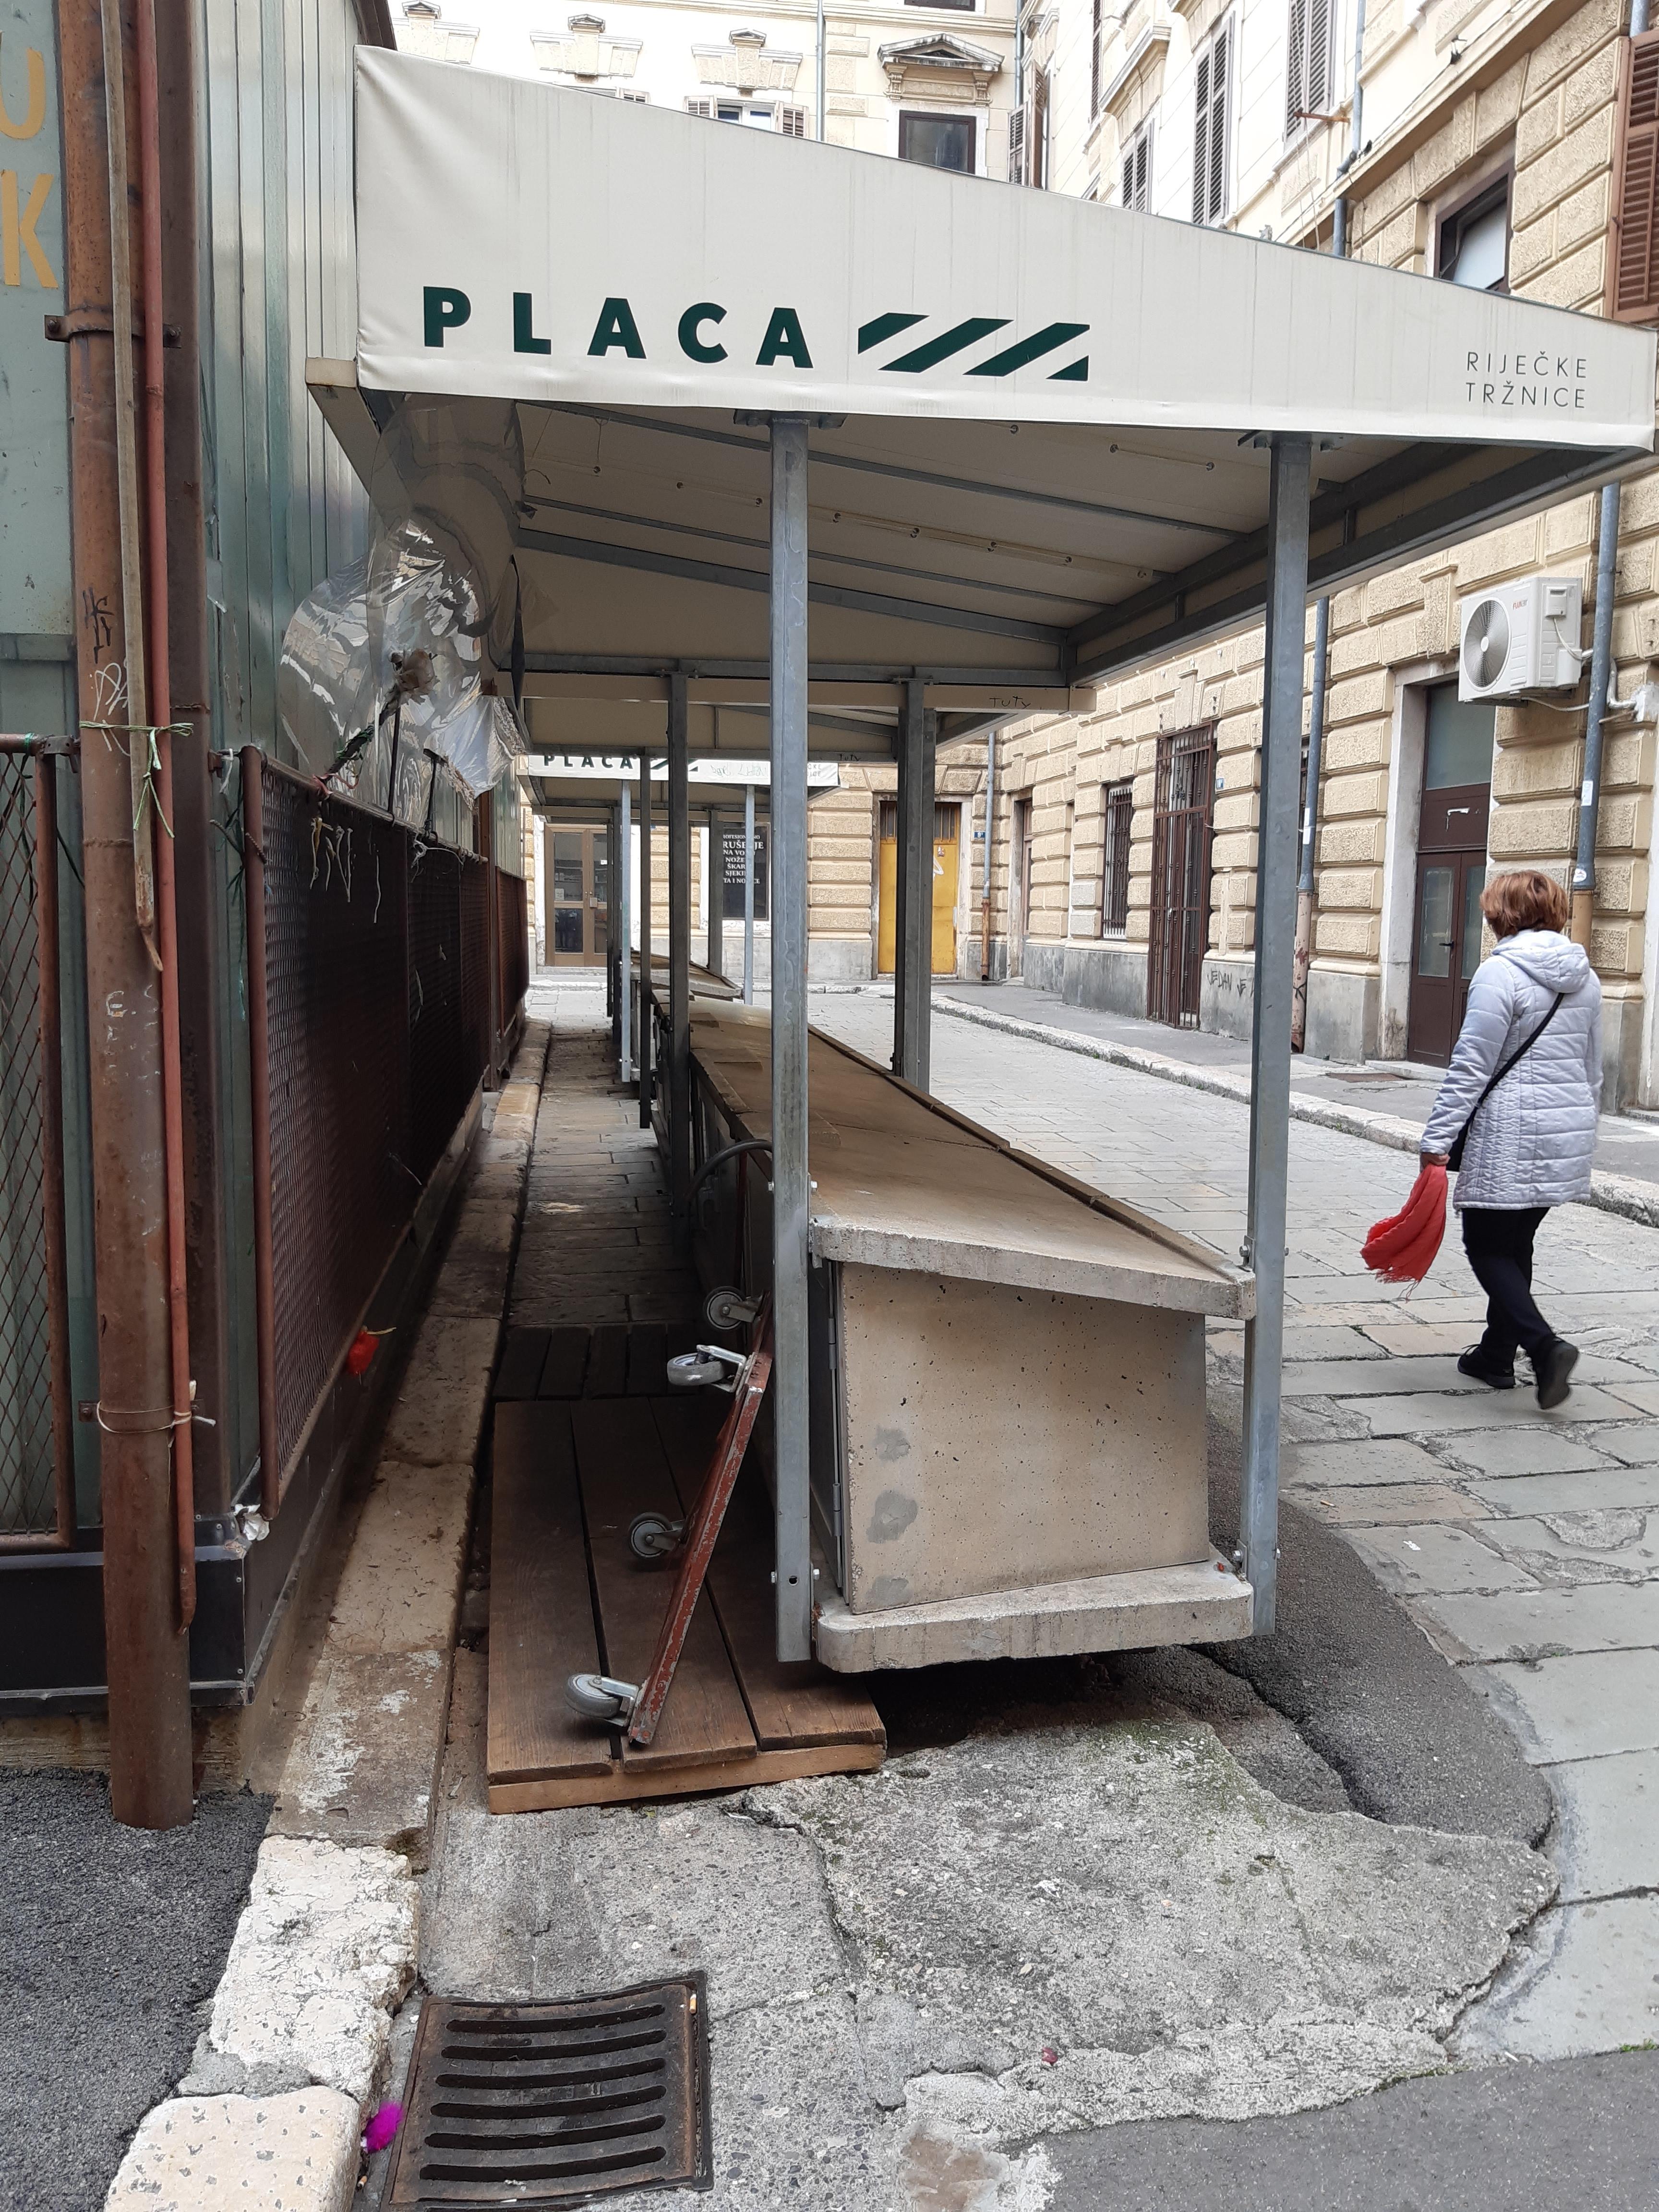 Dva nova štanda uz sam ulaz zatvorenog objekta zjape prazni /Snimila Slavica KLEVA